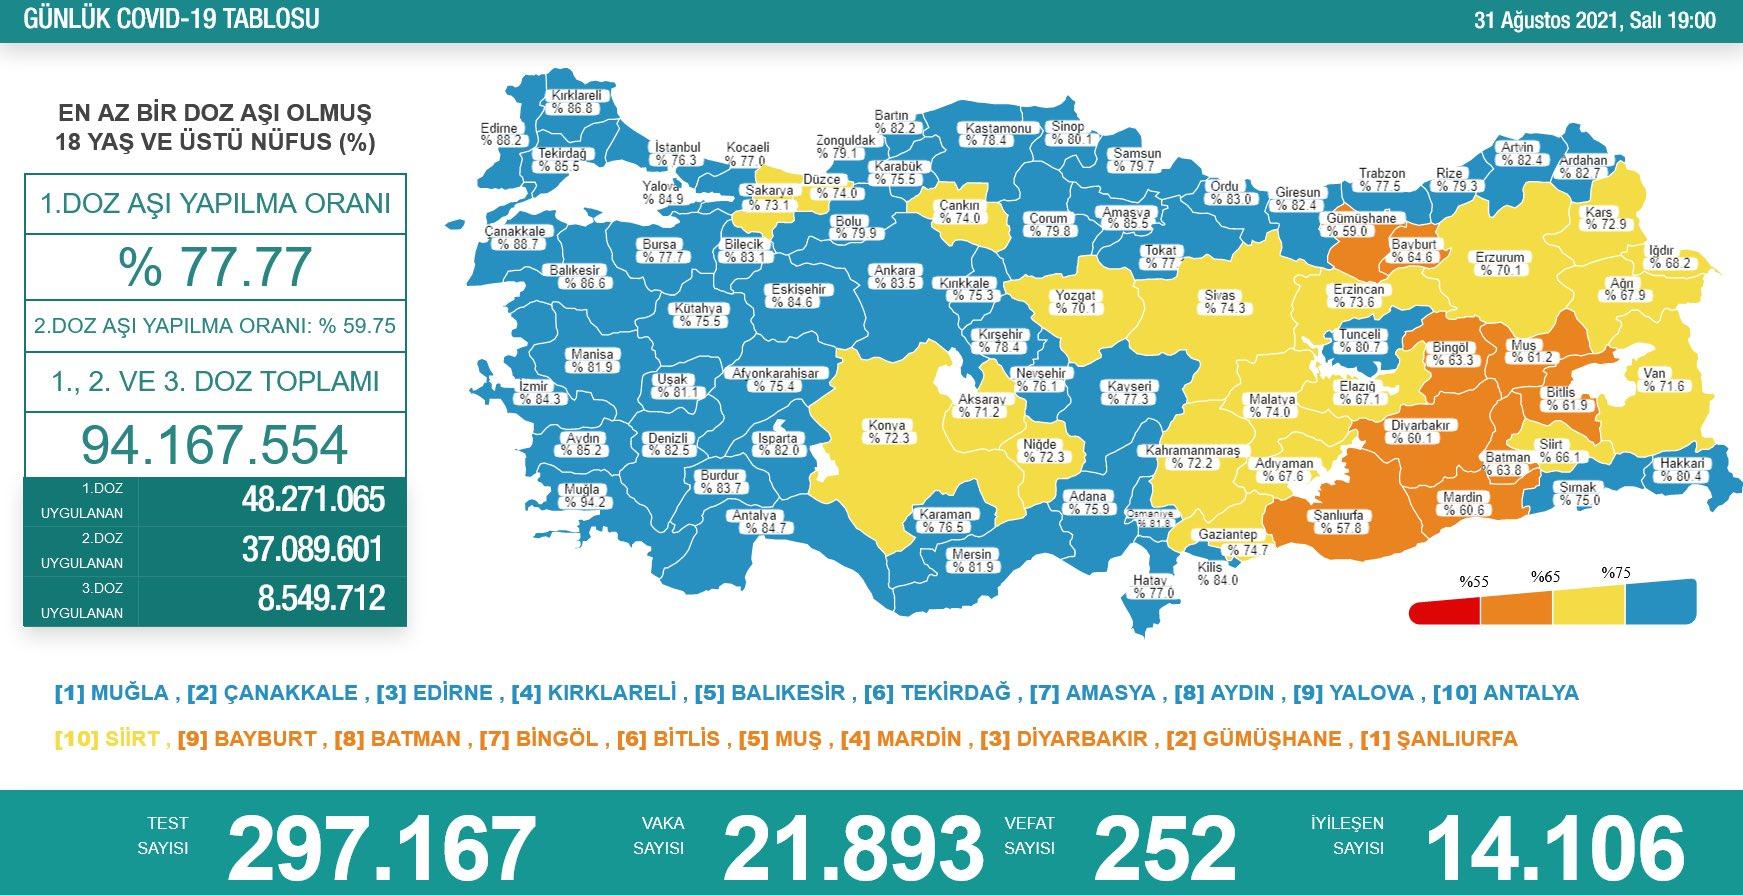 31 Ağustos 2021 Türkiye Koronavirüs Tablosu Açıkladı